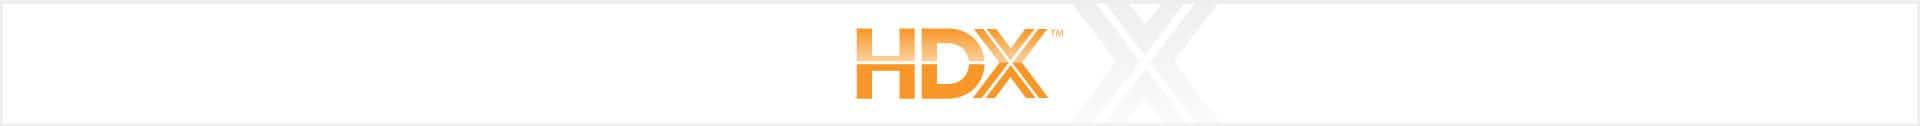 HDX-Brand-Banner